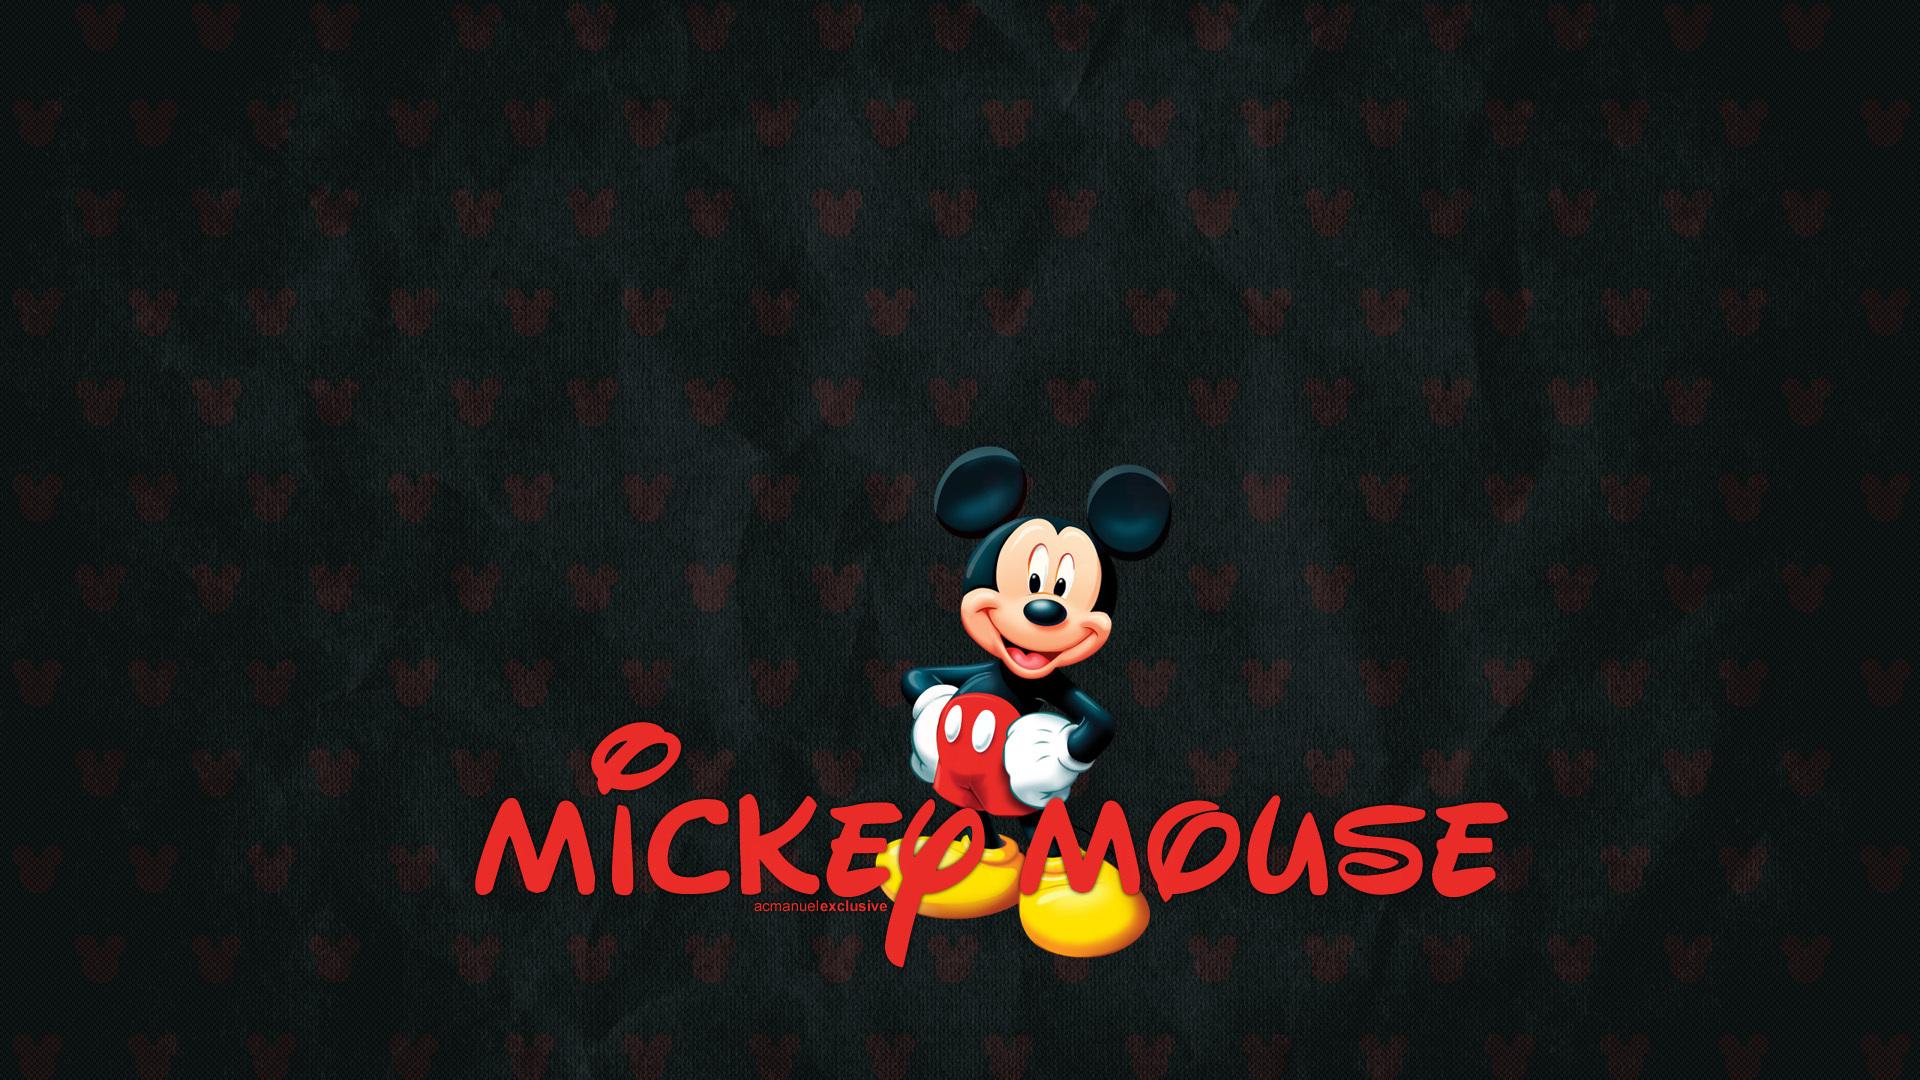 壁紙、1920x1080、ディズニー、ミッキーマウス、漫画、ダウンロード、写真